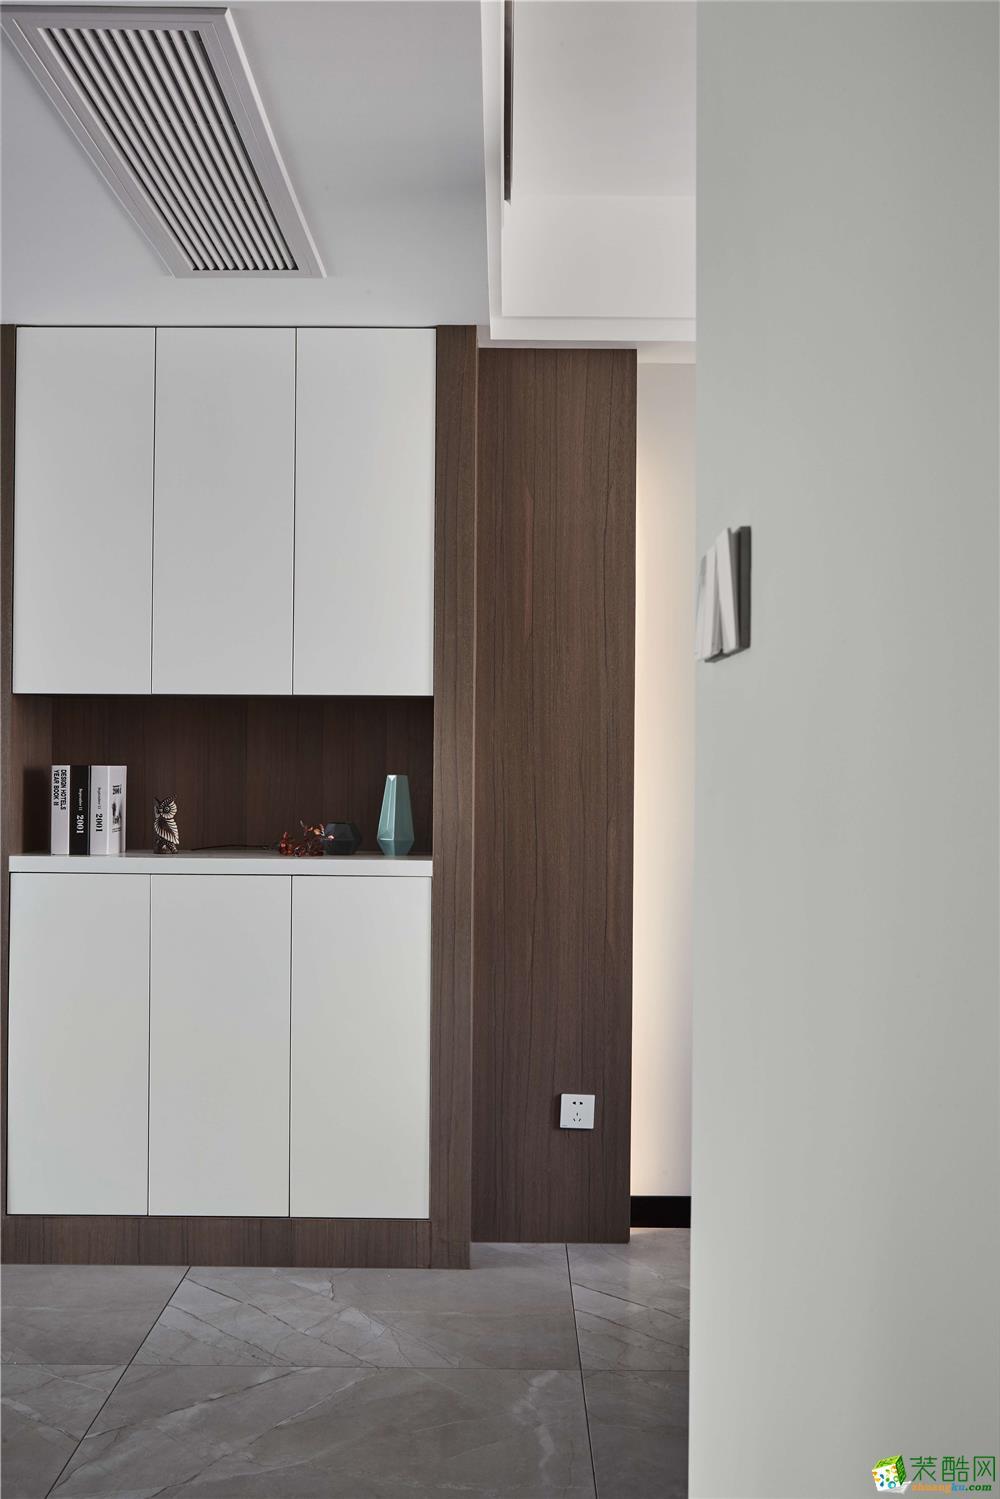 软装饰  【恒彩装饰】都景公寓130�O新中式风格,让心灵做个有氧呼吸